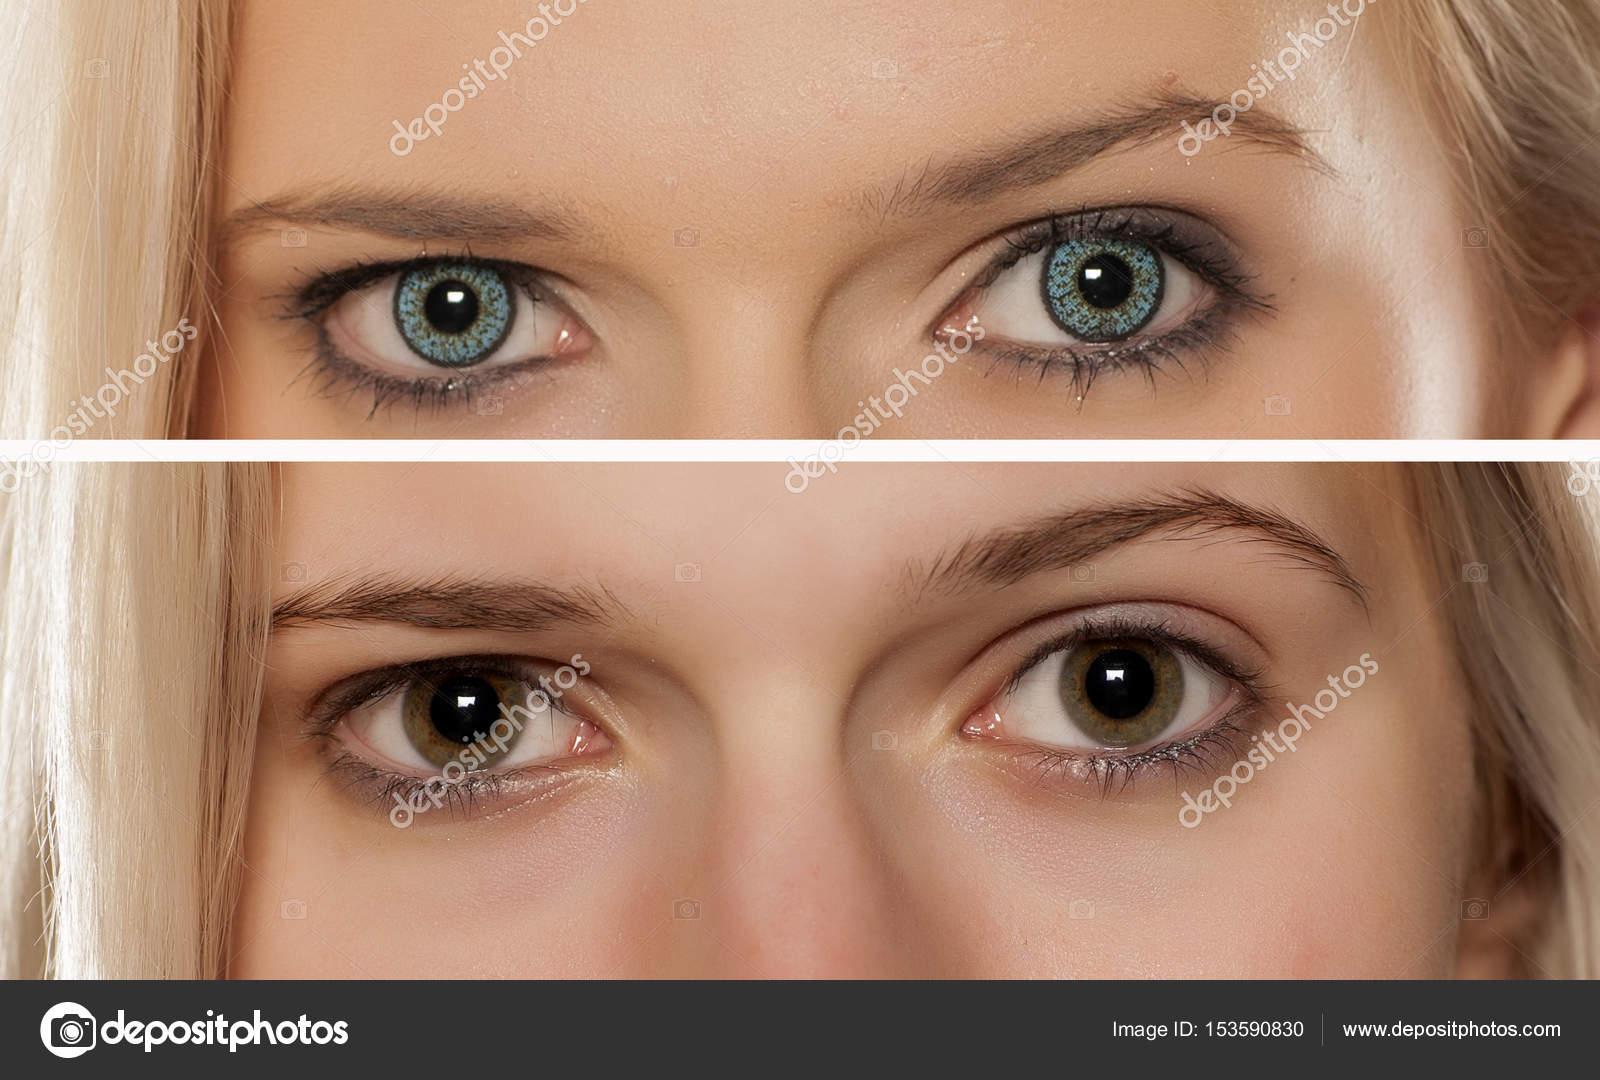 23bcaa94b0 Comparación de los ojos de la mujer, con y sin lentes de contacto color —  Foto de VGeorgiev